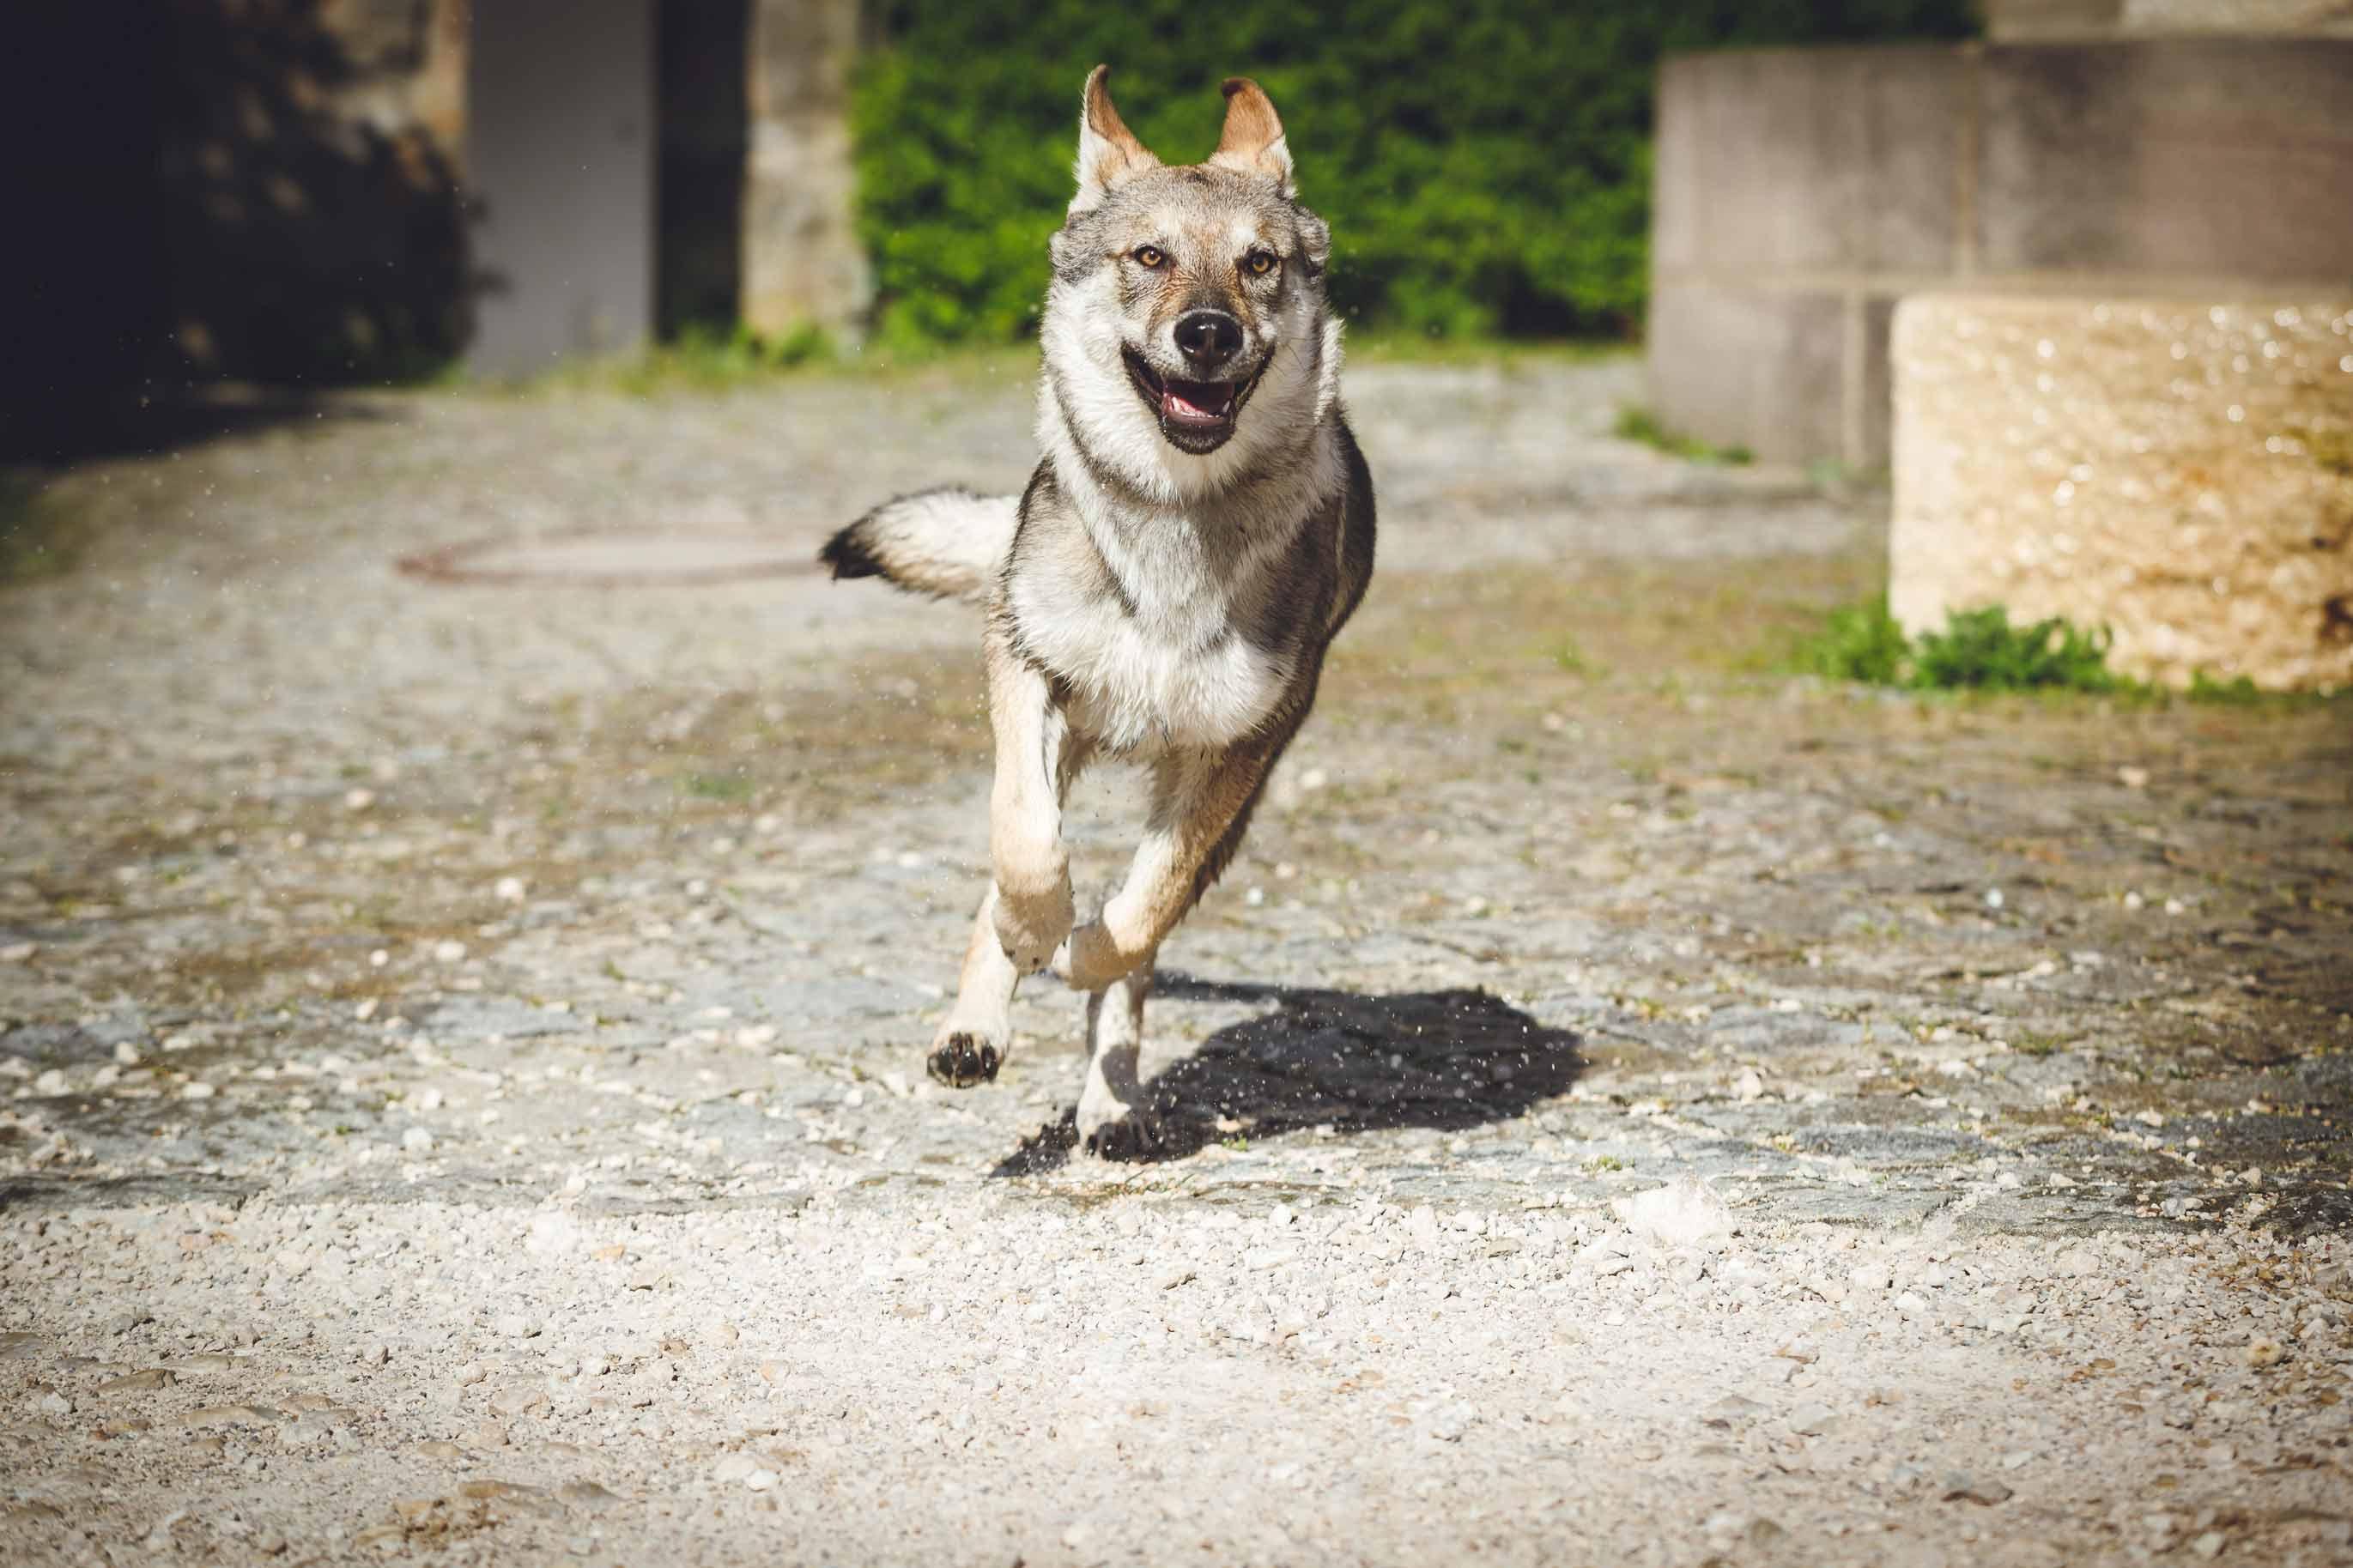 Hundefotografie mit Suko dem Tschechoslowakischen Wolfshund IMG 8412w